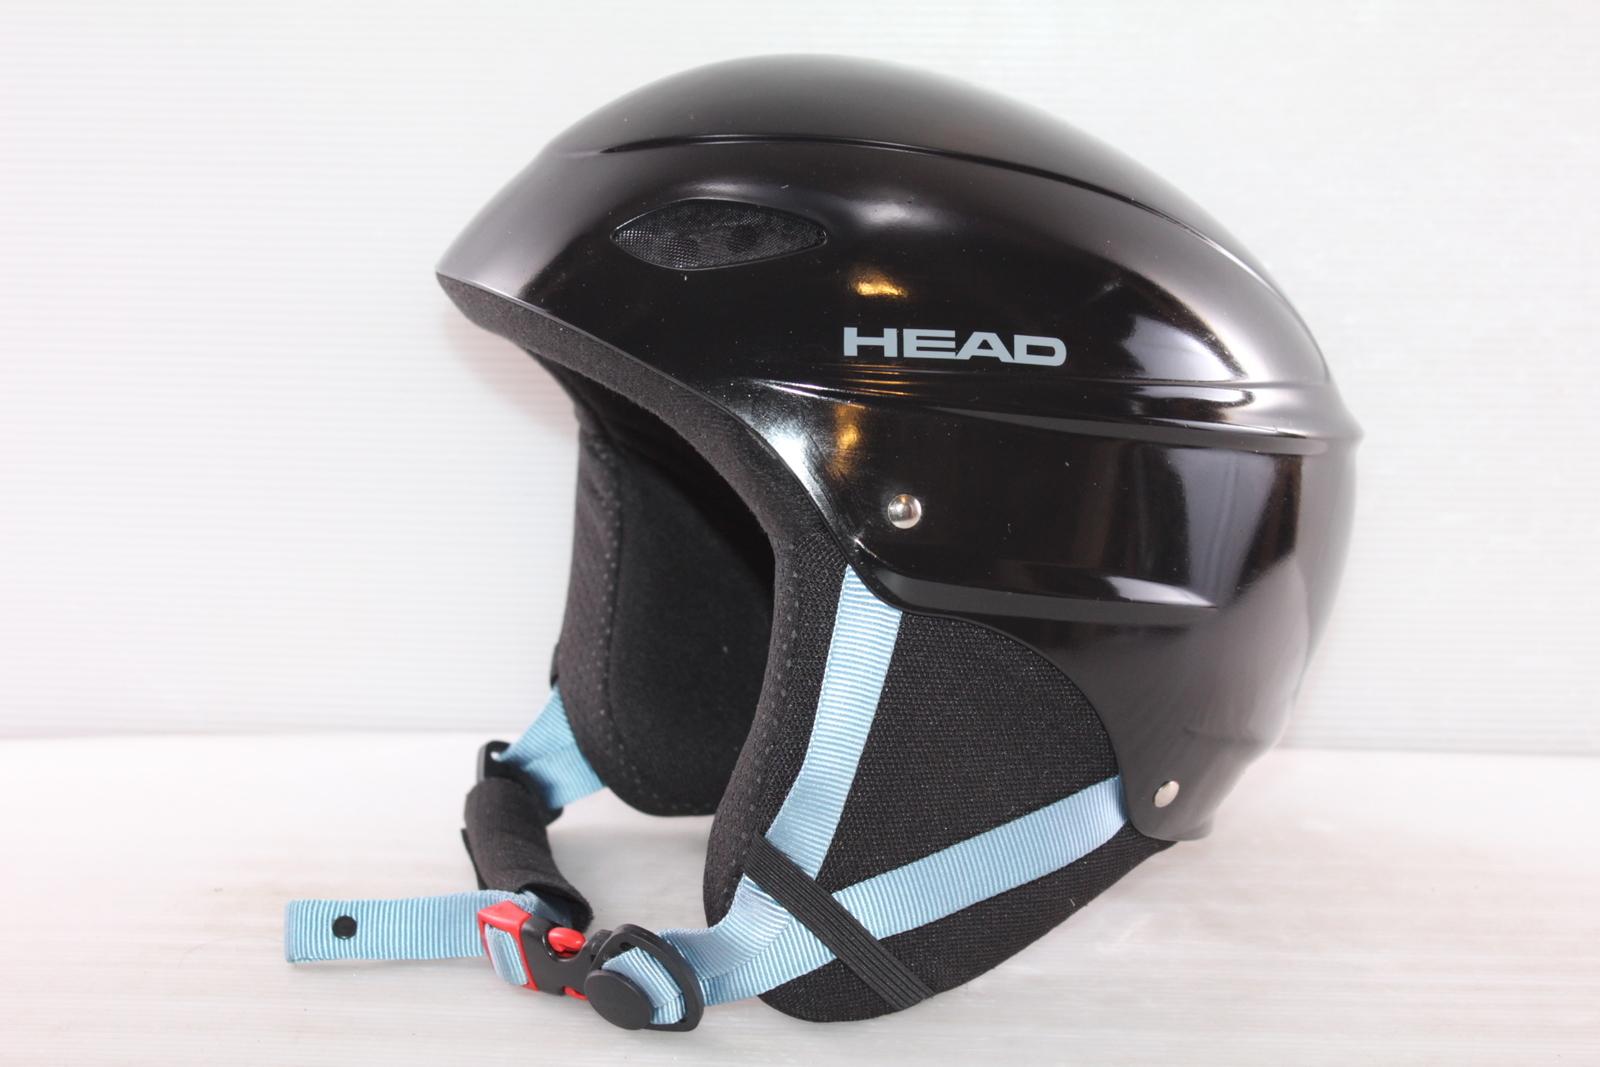 Dámská lyžařská helma Head Head - posuvná vel. 52 - 55